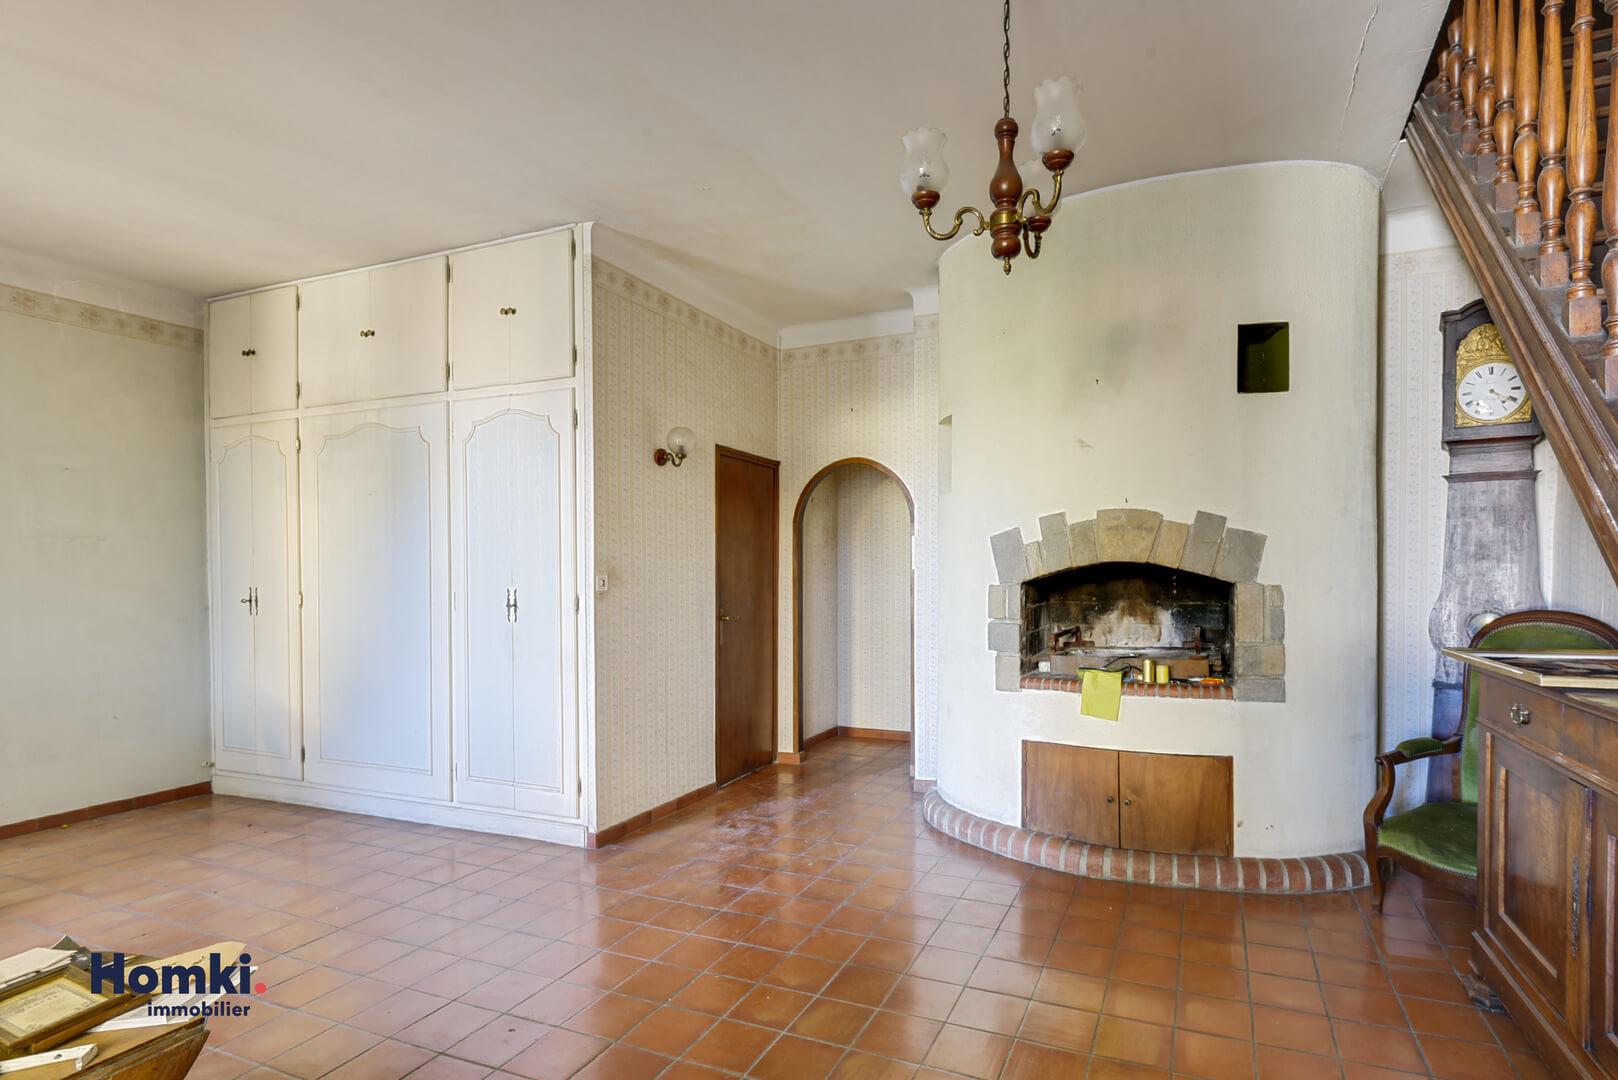 Vente Maison 100 m² T5 13012 Marseille_6